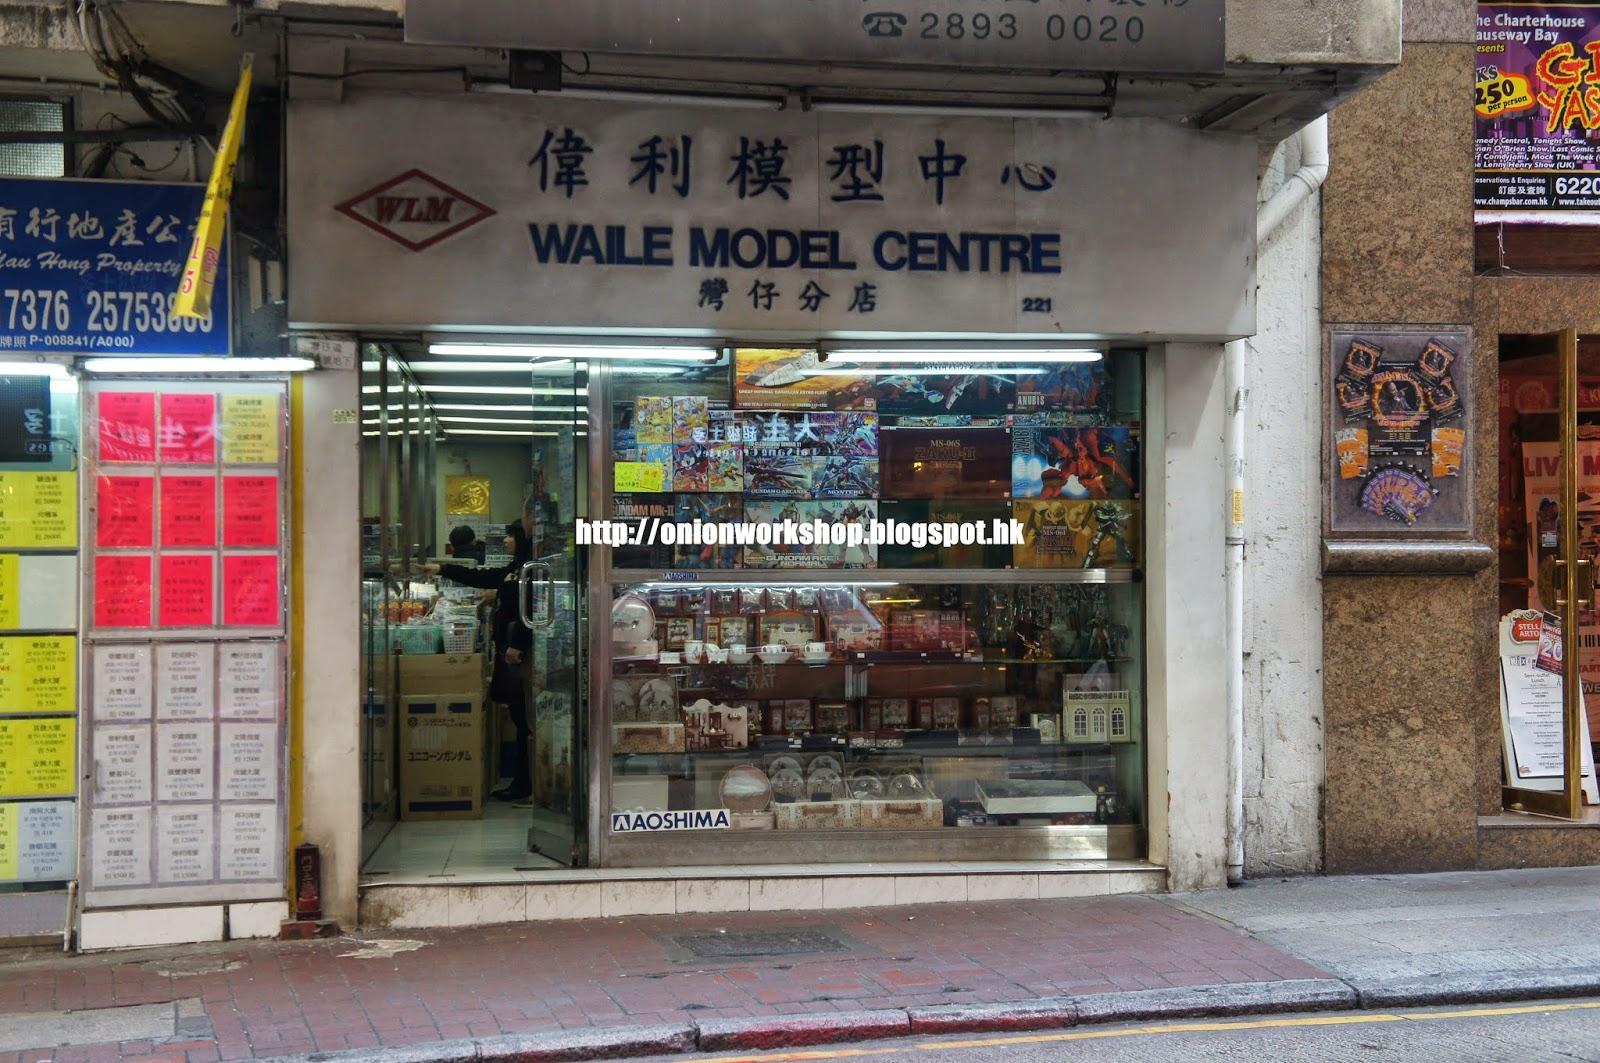 洋蔥頭的玩具店遊記: No. 057 香港區 灣仔 偉利模型中心